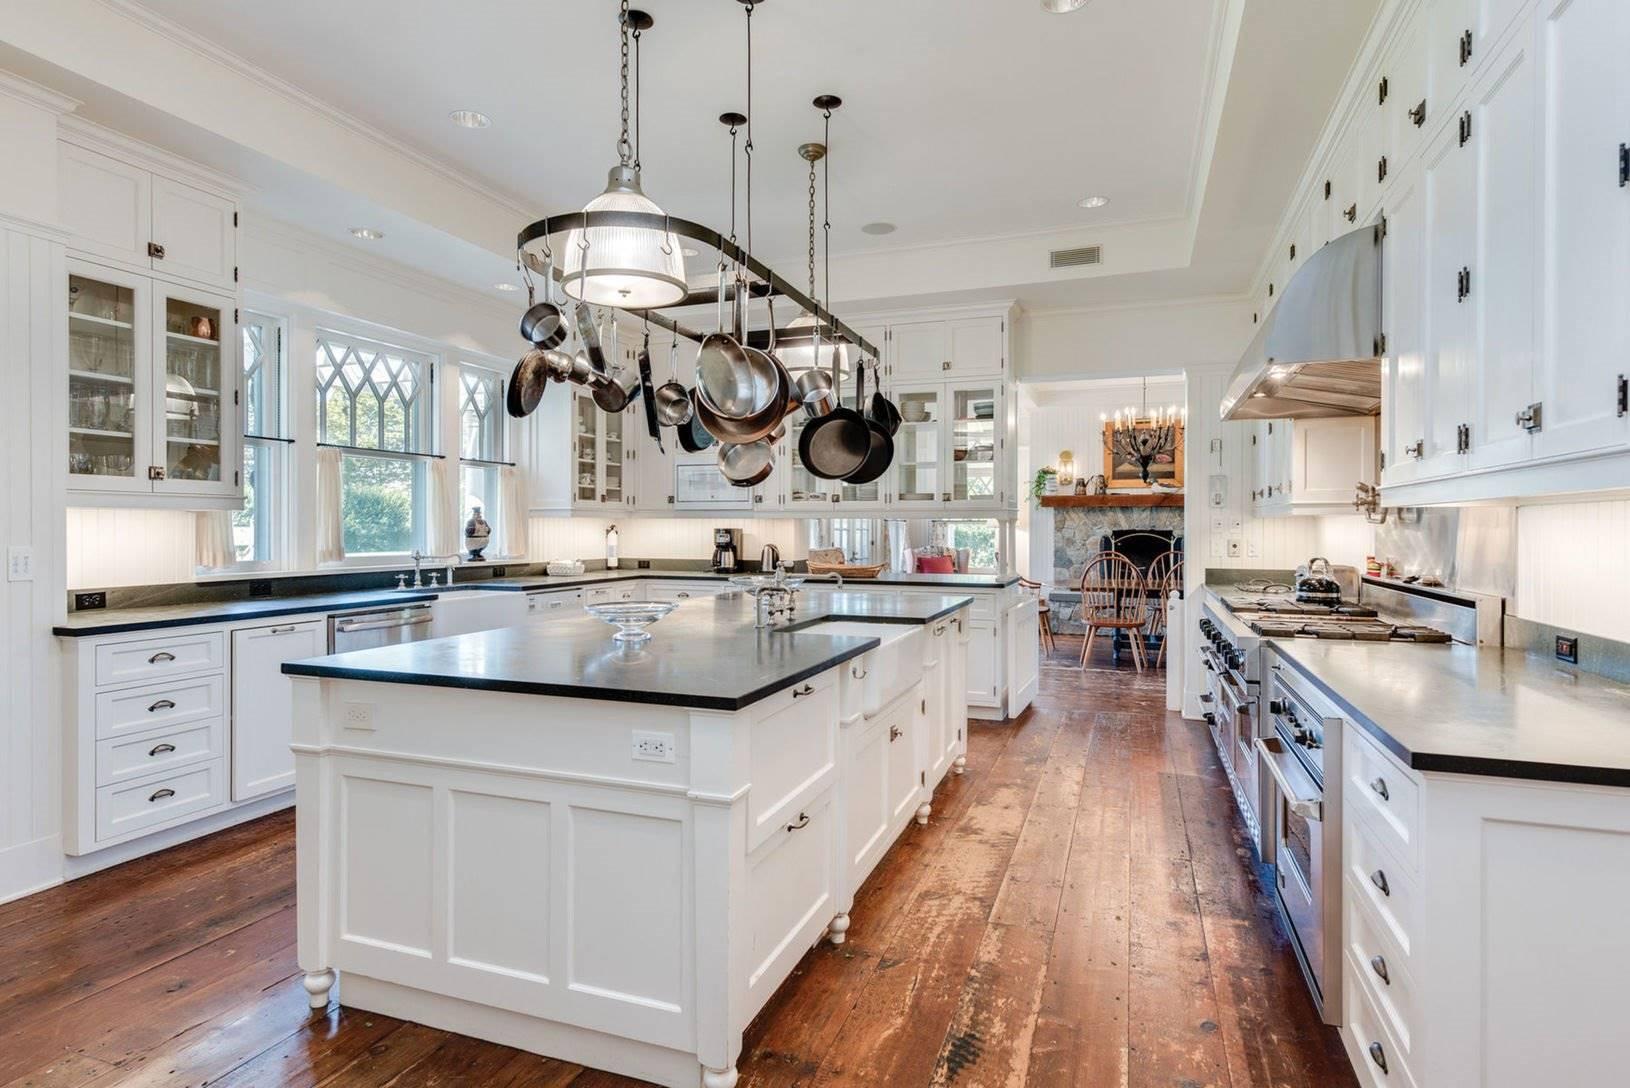 Cocina de la casa de Chantal miller en los hamptons. Una gran cocina con isla